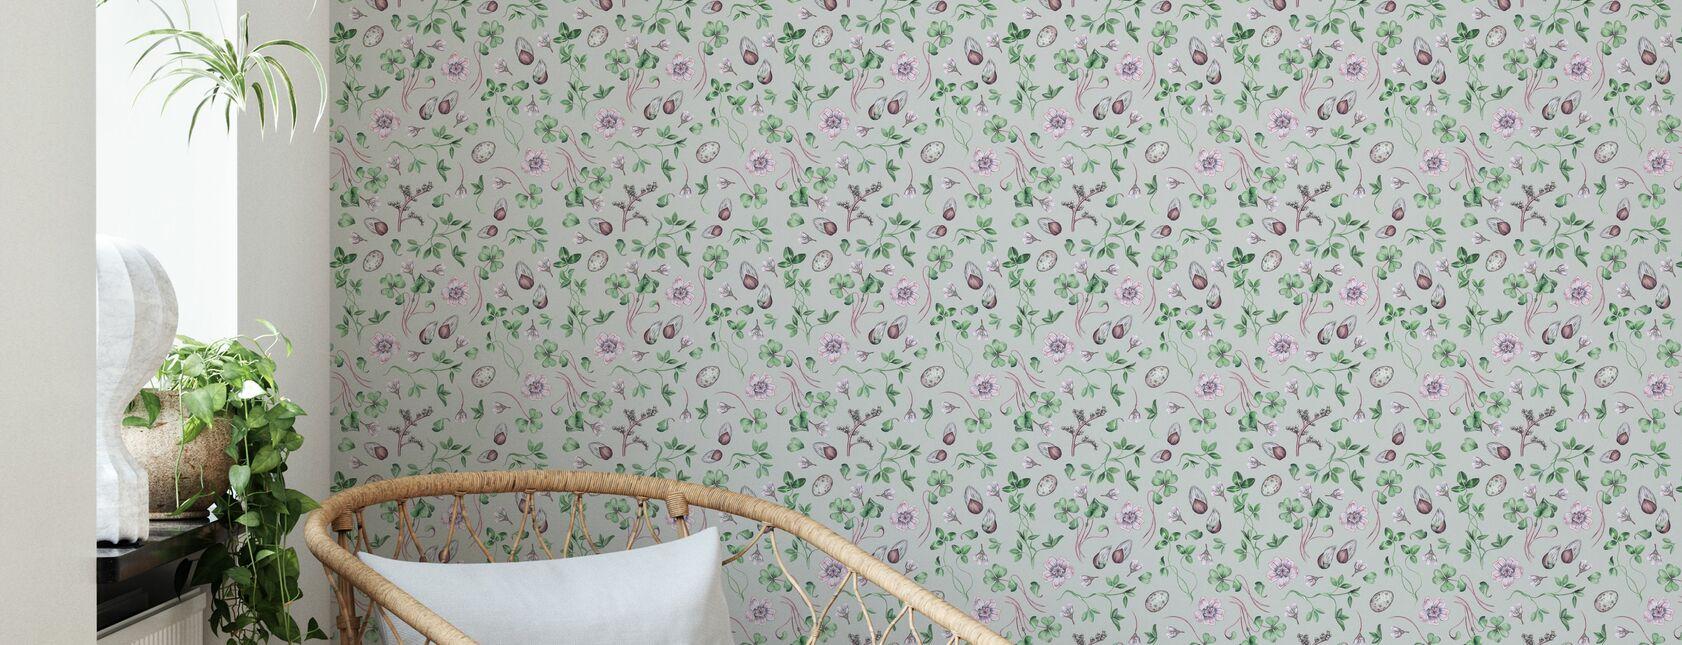 Vidsala Brillant - Papier peint - Salle à manger